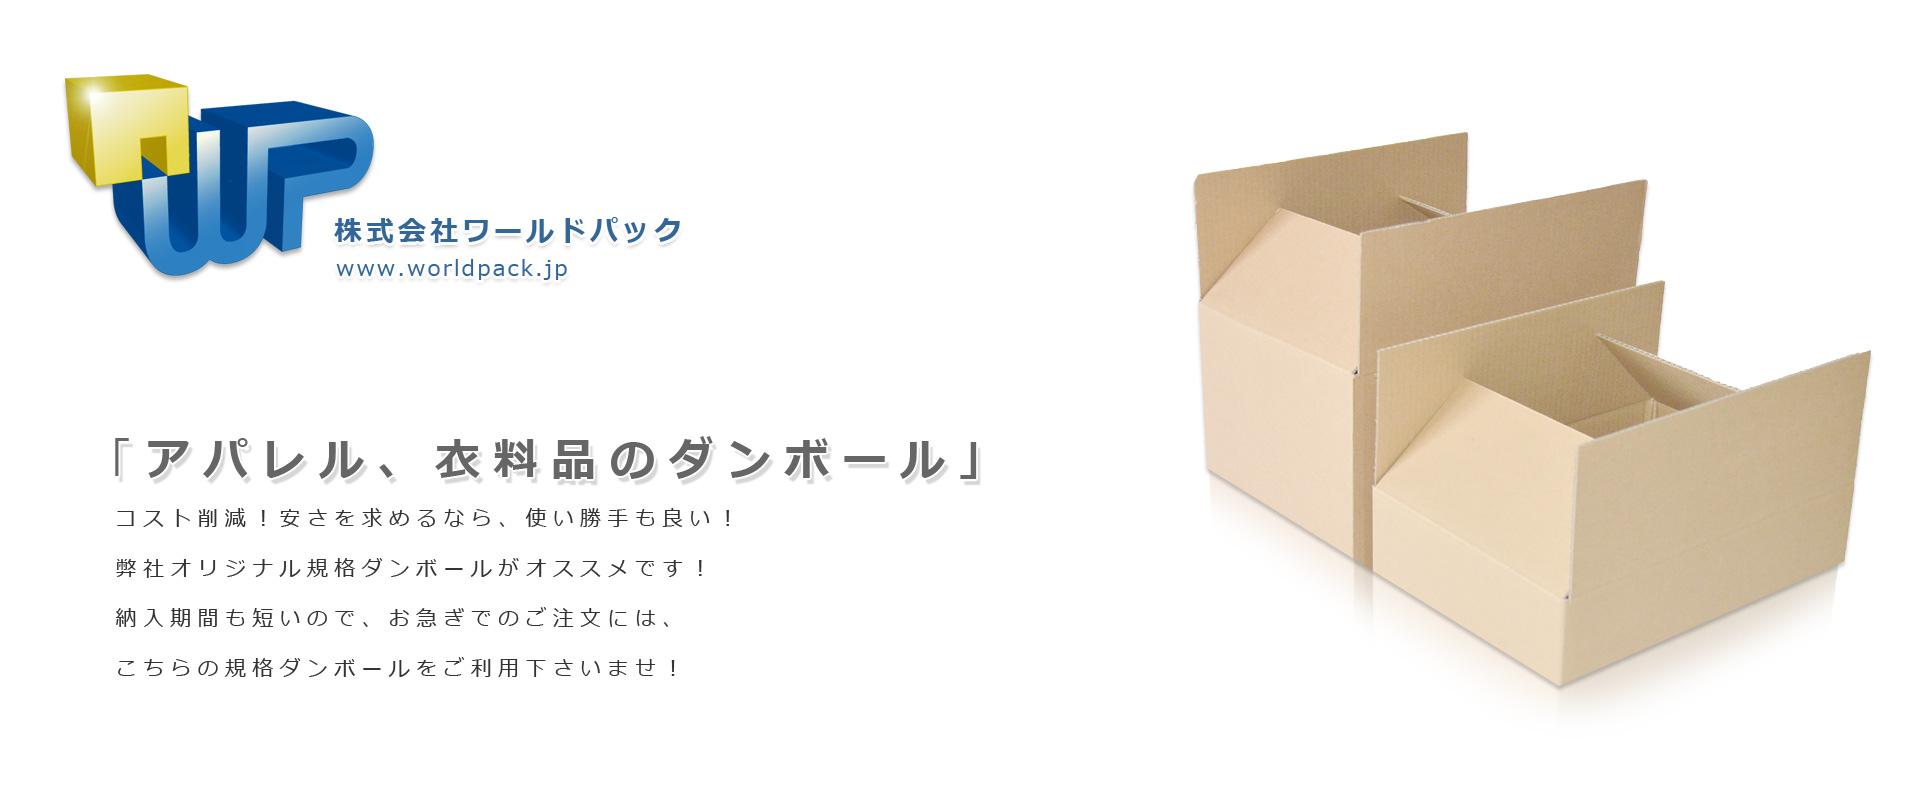 アパレル衣料品用ダンボール 小ロット販売OK 株式会社ワールドパック 東京、神奈川、埼玉、千葉、茨城、群馬、栃木